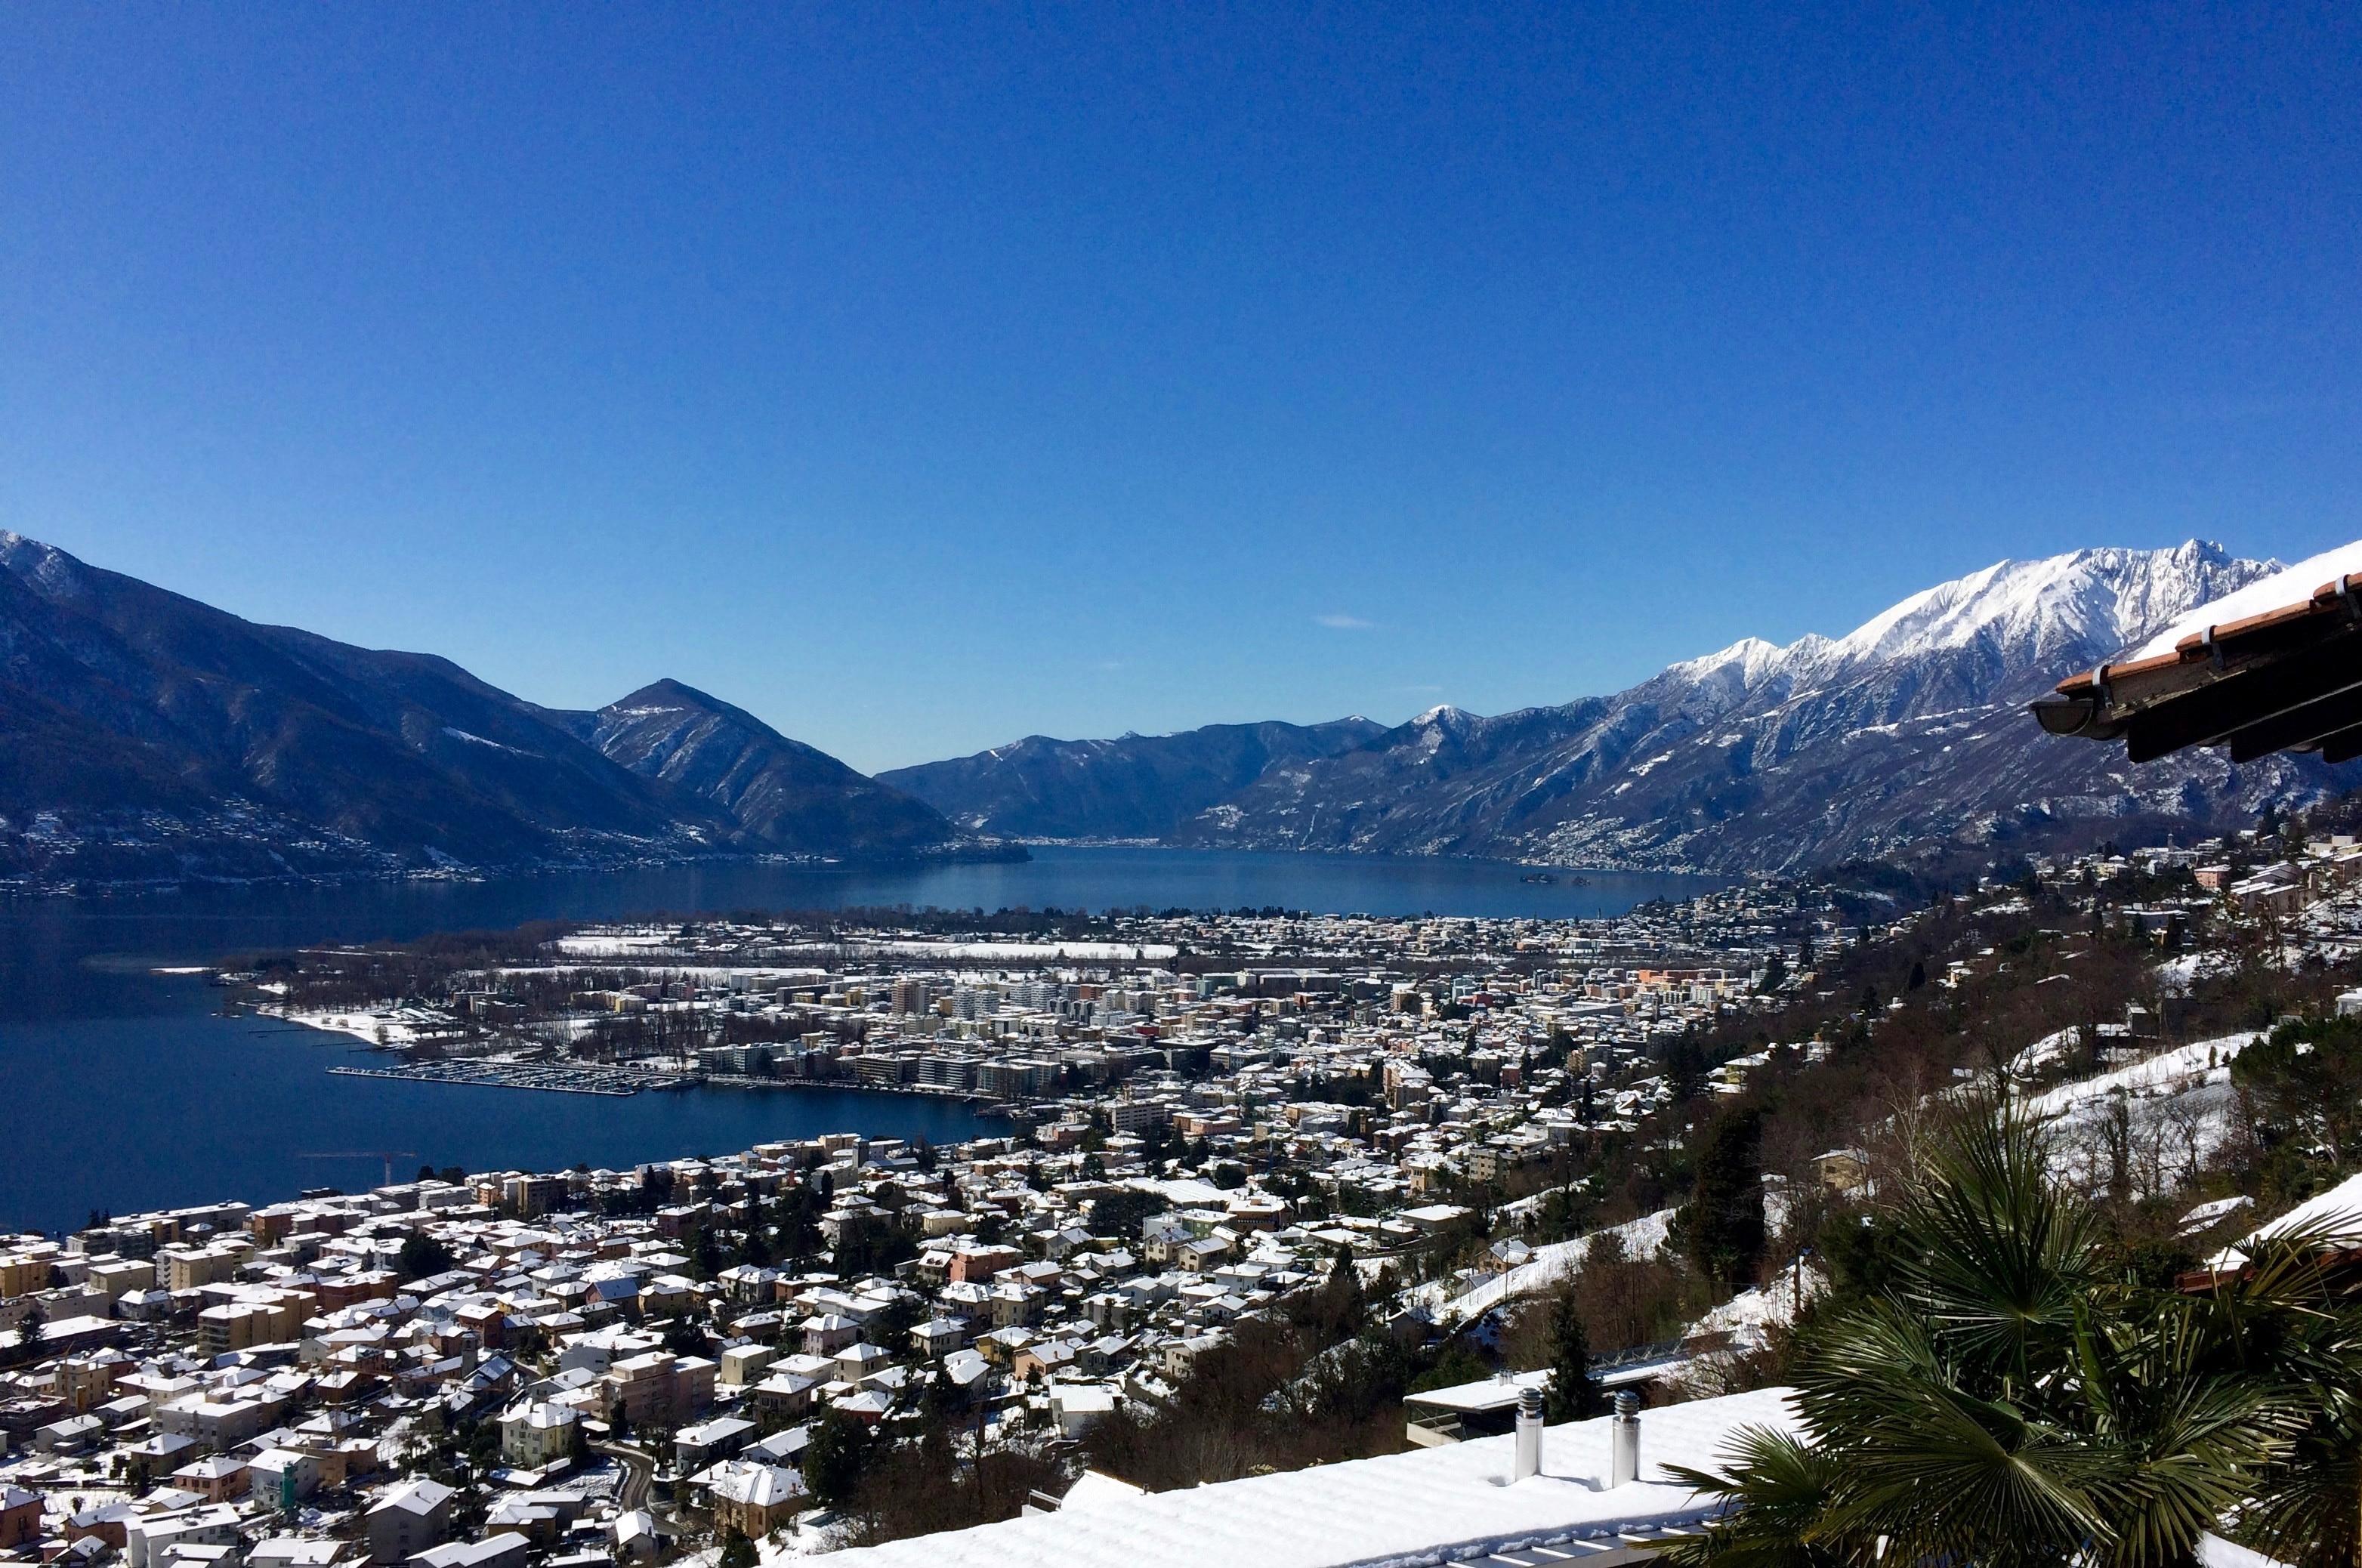 Brione sopra Minusio, Cantão de Ticino, Suíça